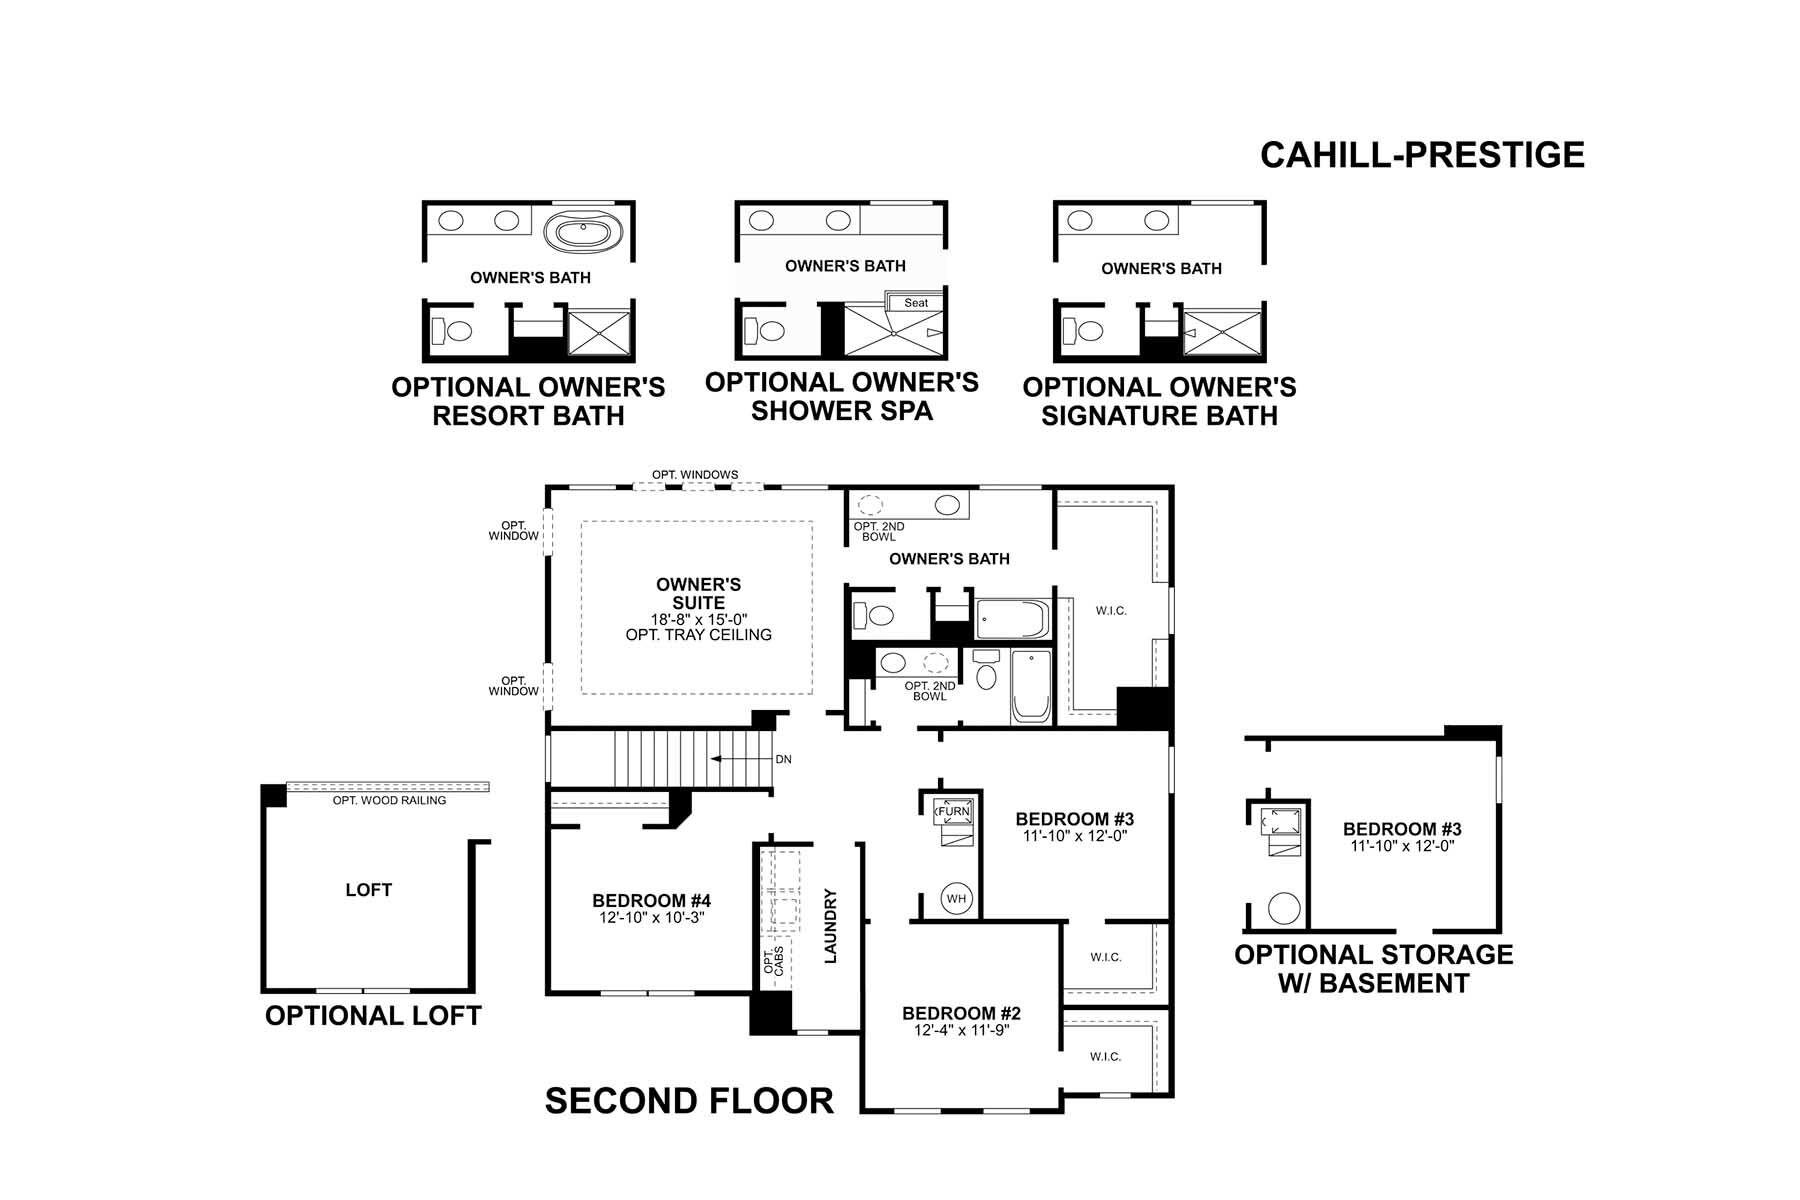 Cahill Second Floor